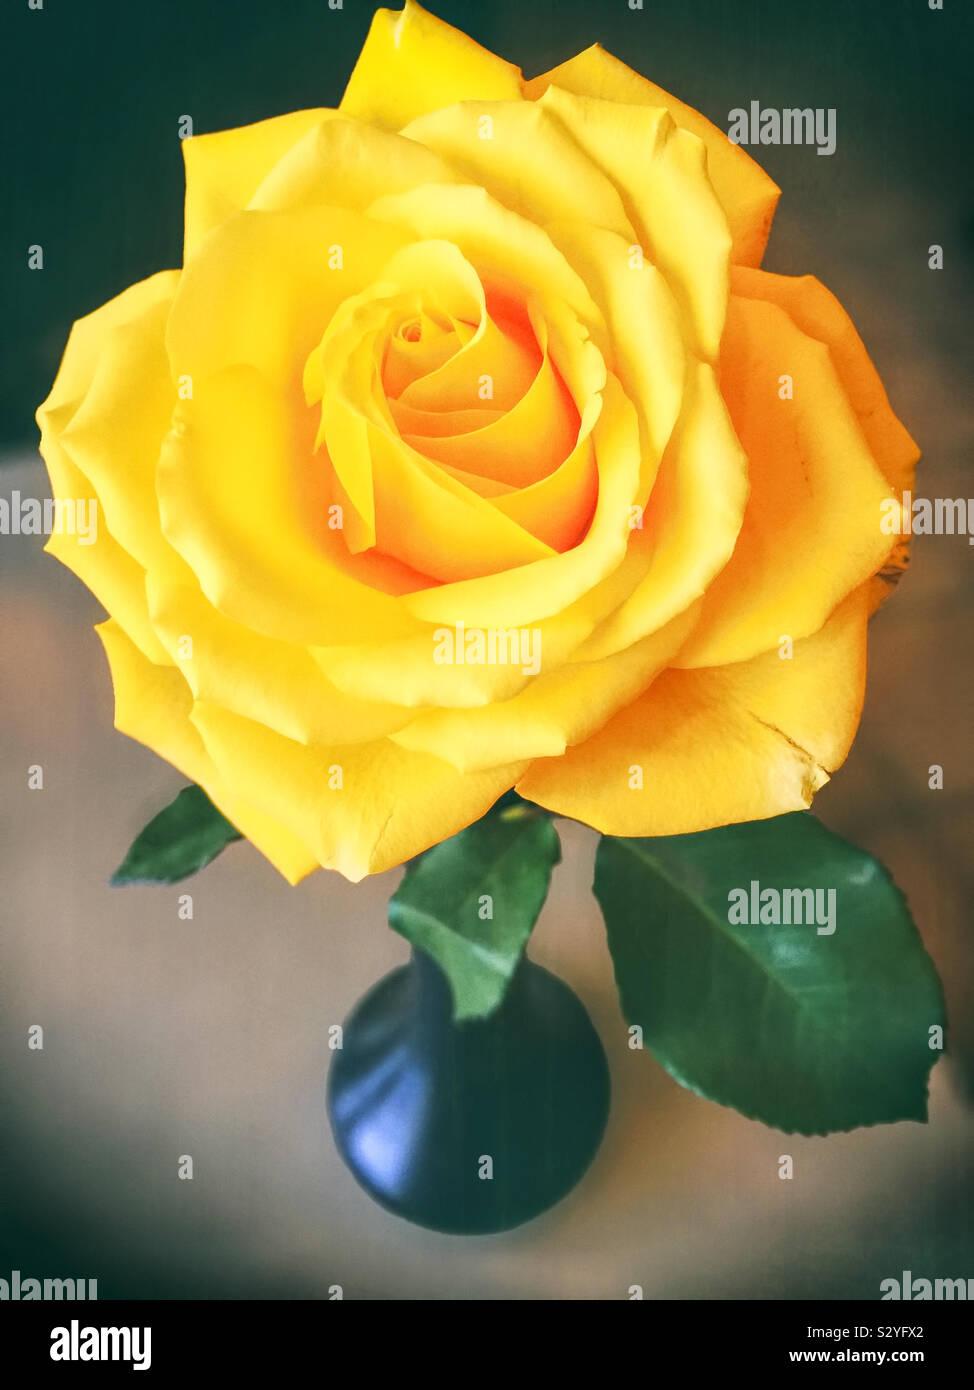 Una rosa gialla in un vaso di fiori. La messa a fuoco in primo piano e il fiore di testa. Foto Stock